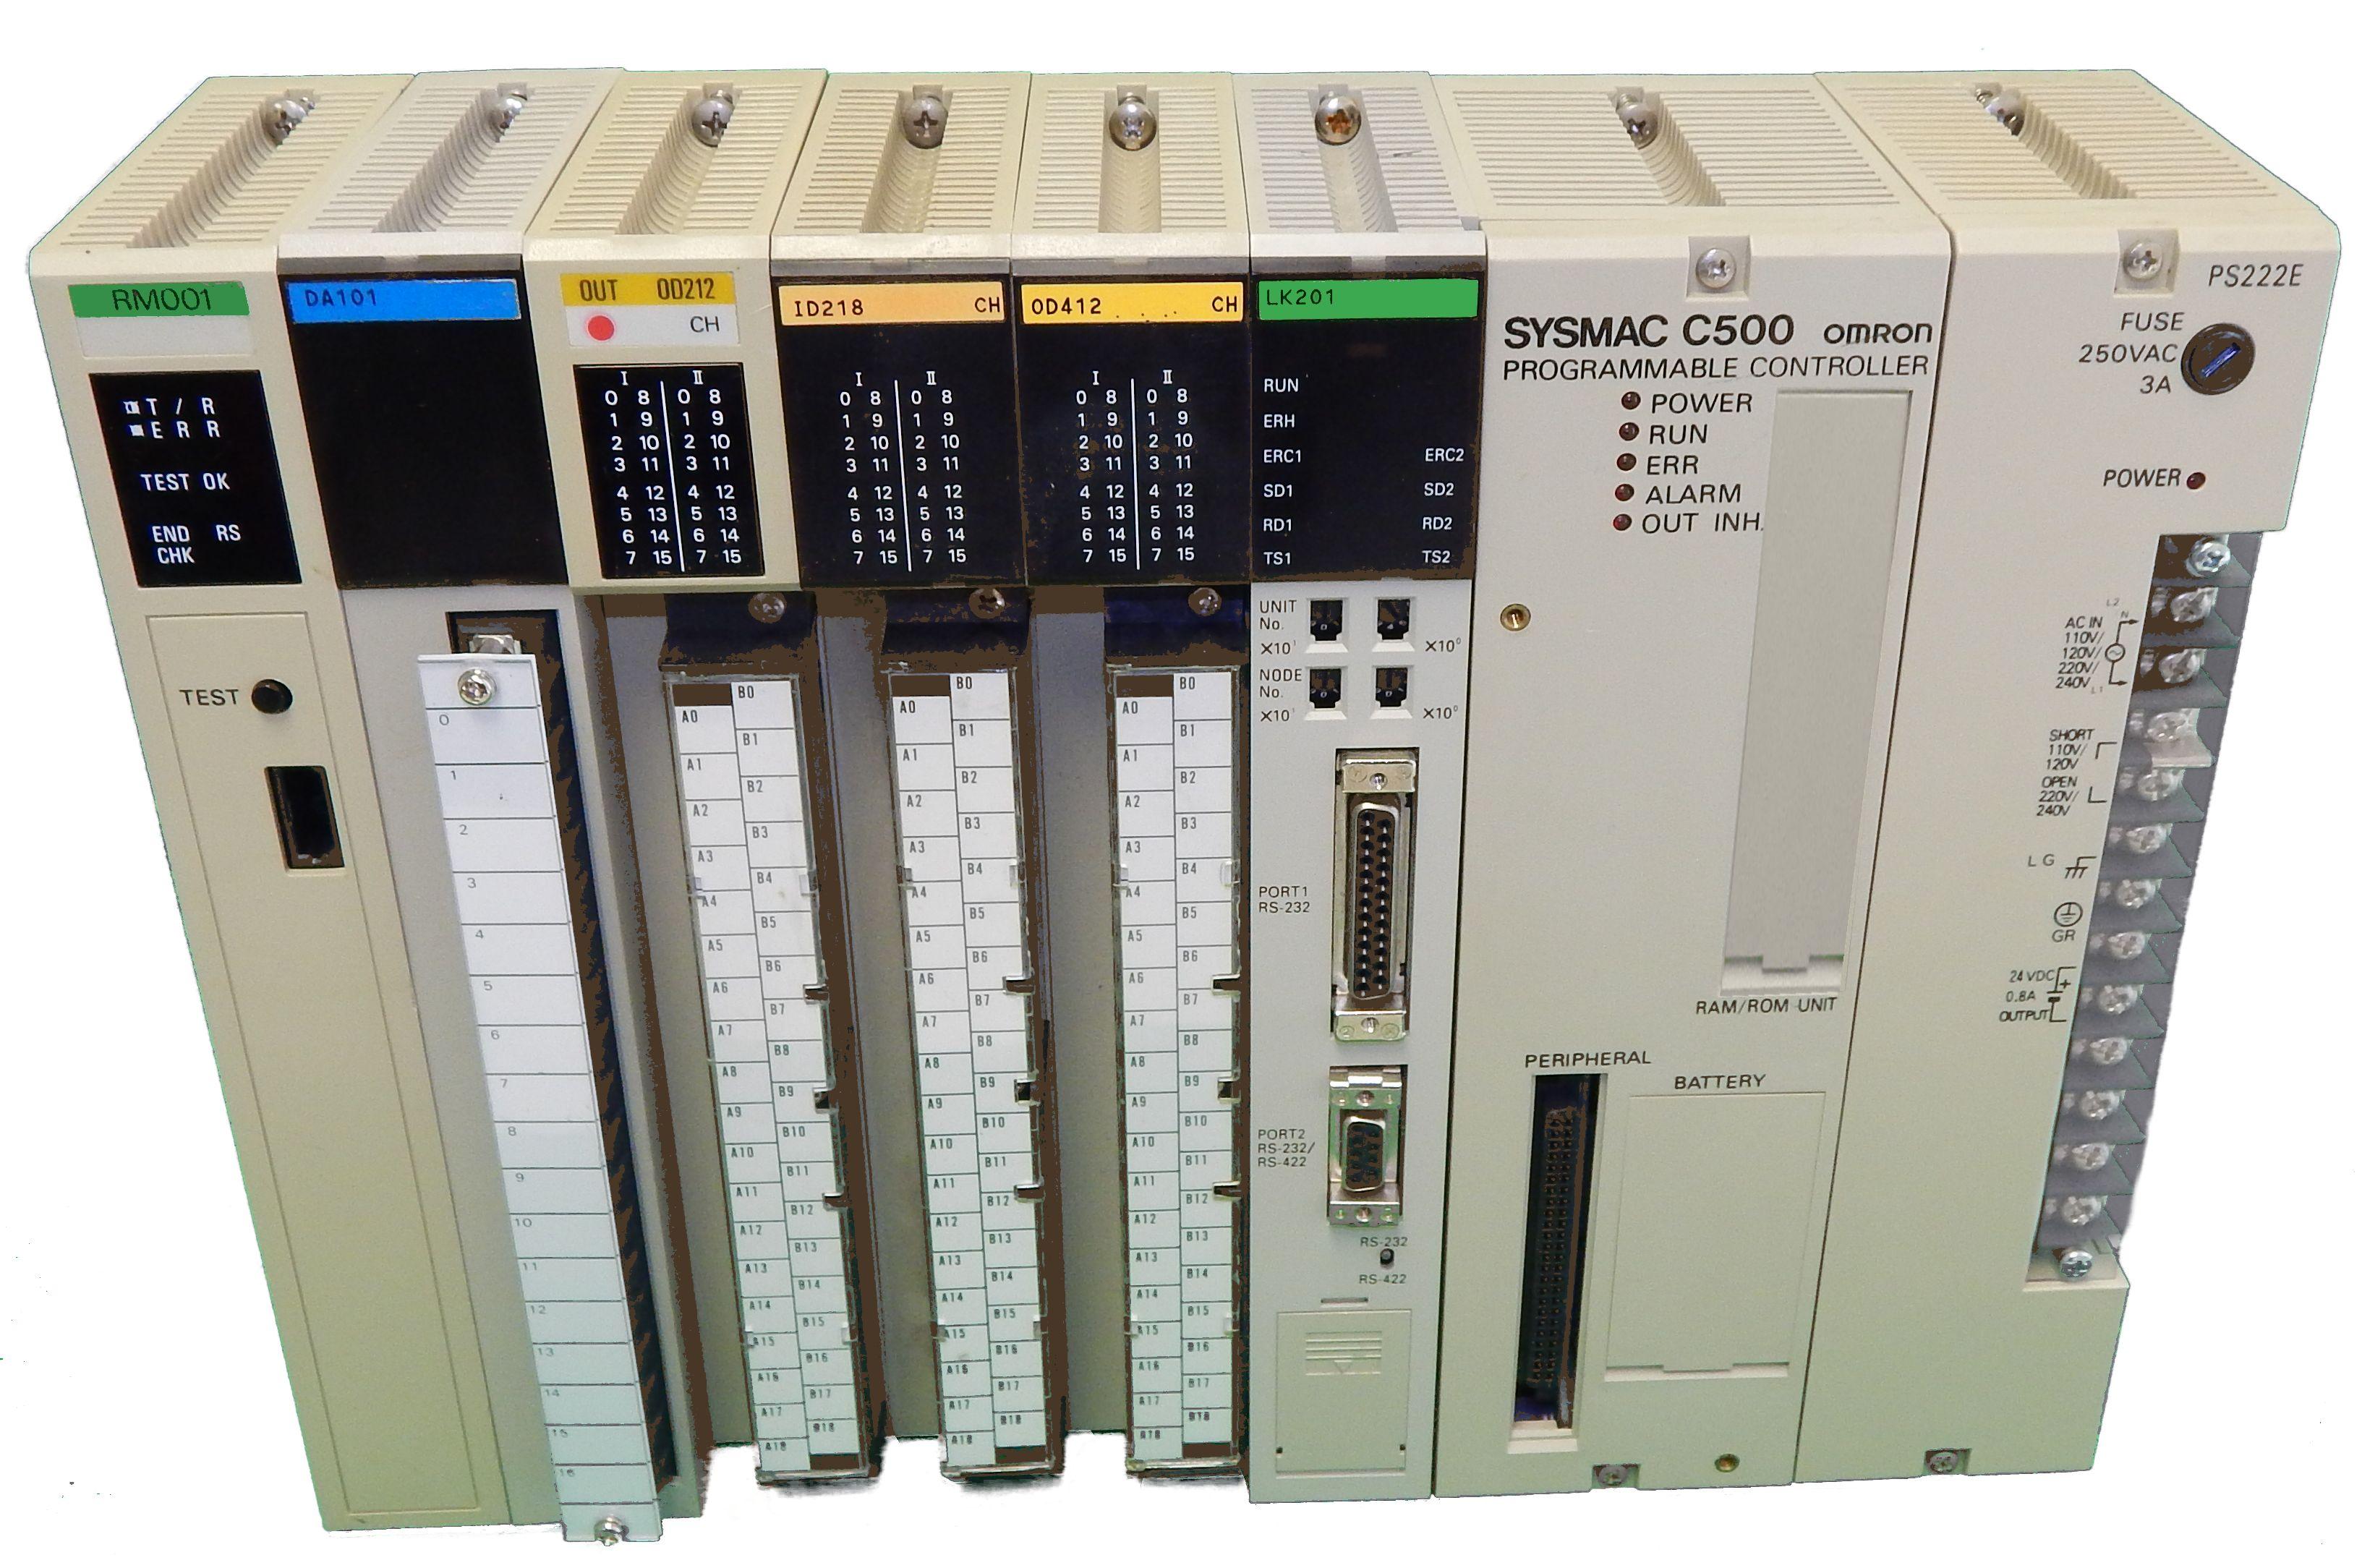 3G2C7-LK011